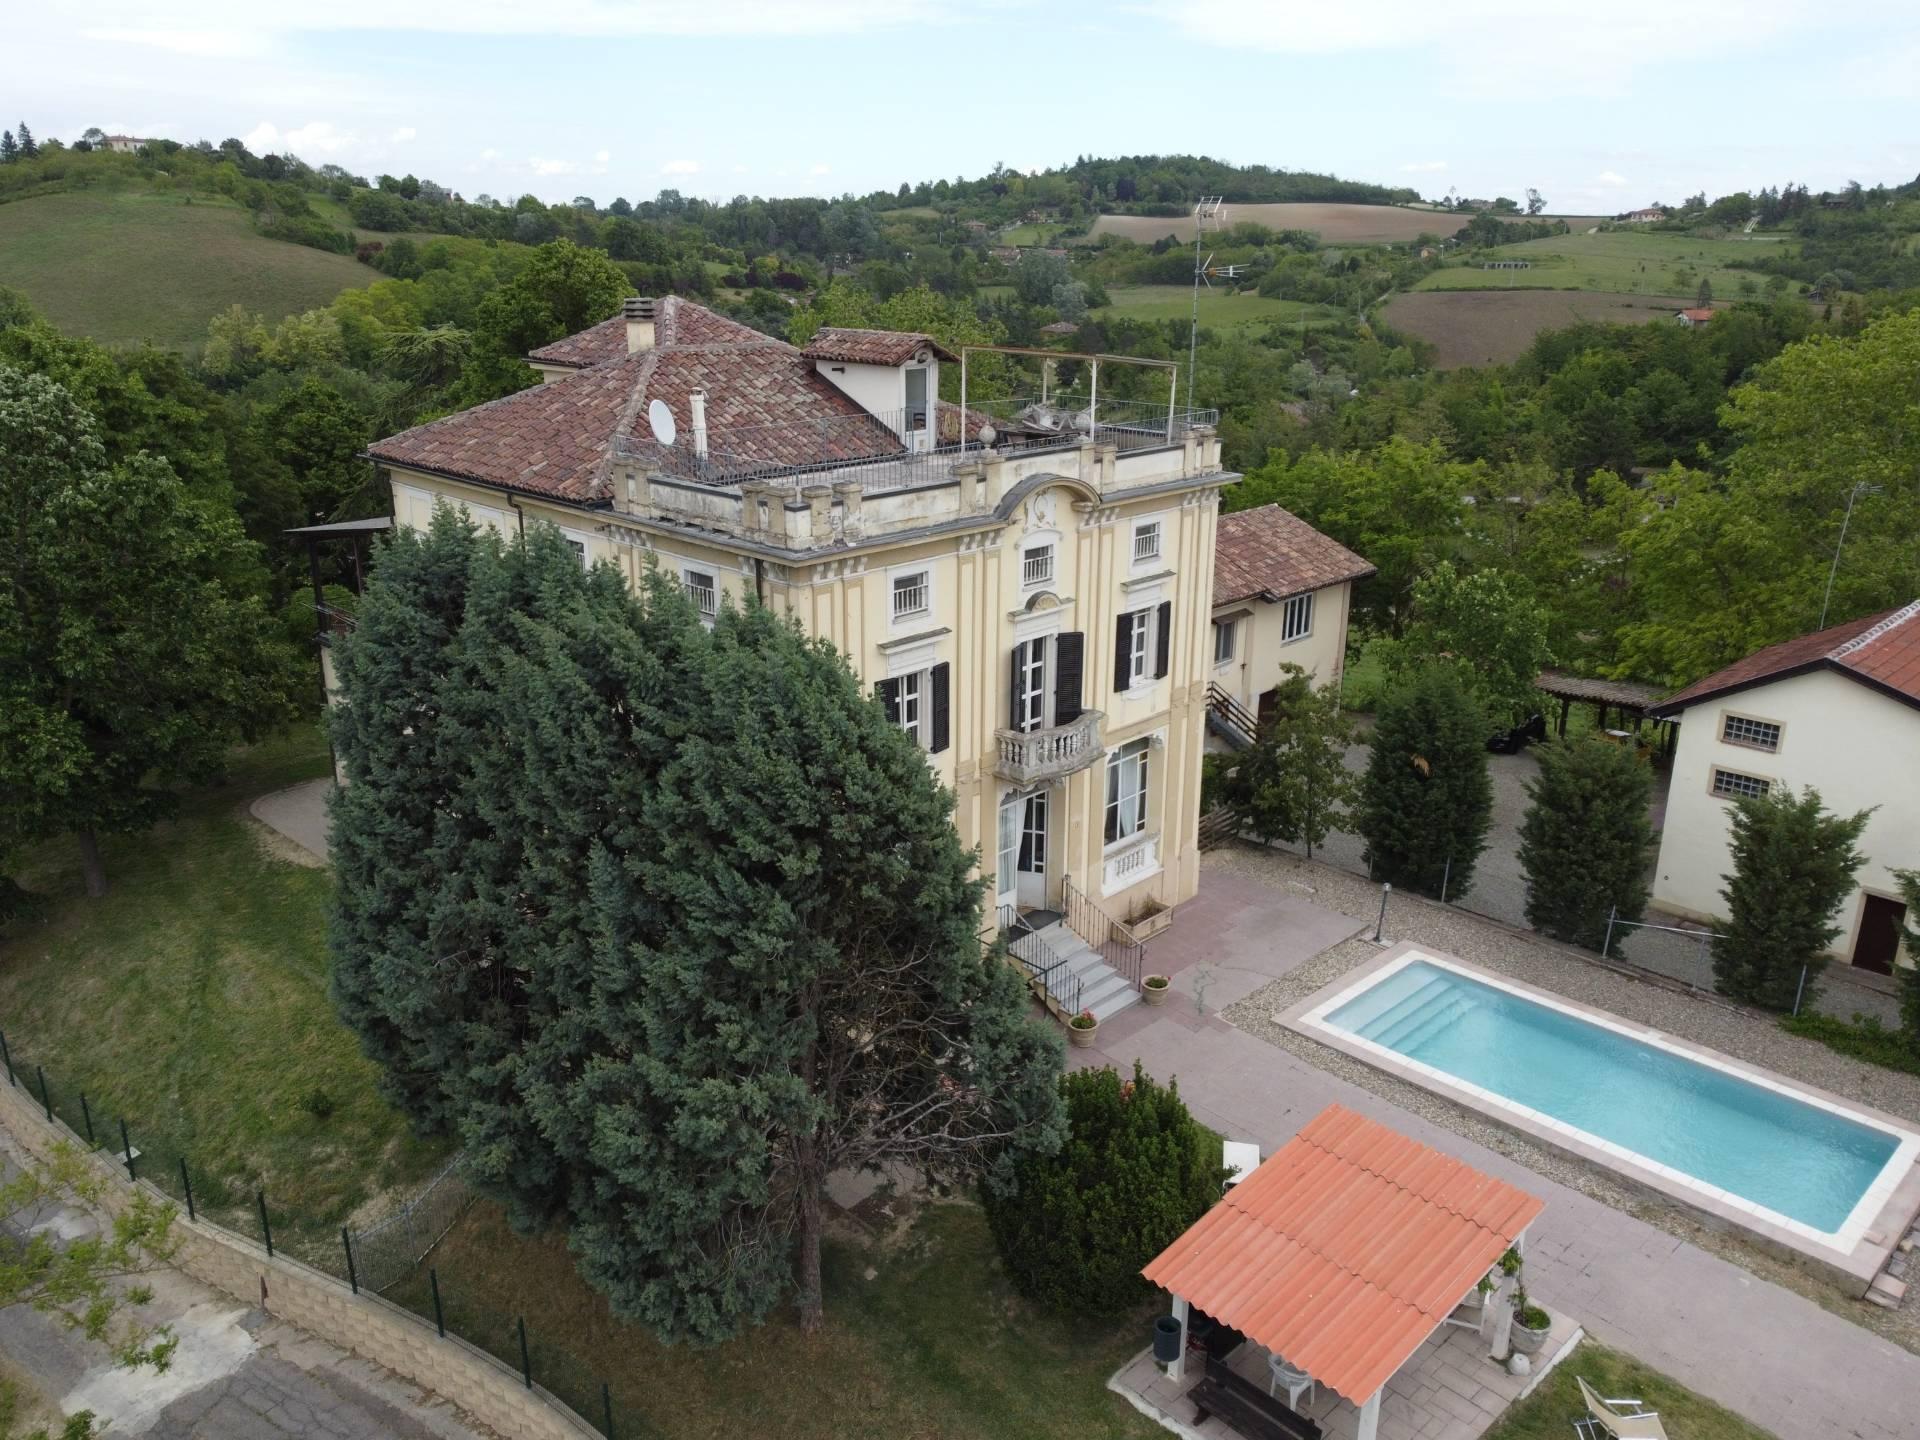 Villa in vendita a Valenza, 13 locali, prezzo € 1.490.000   PortaleAgenzieImmobiliari.it